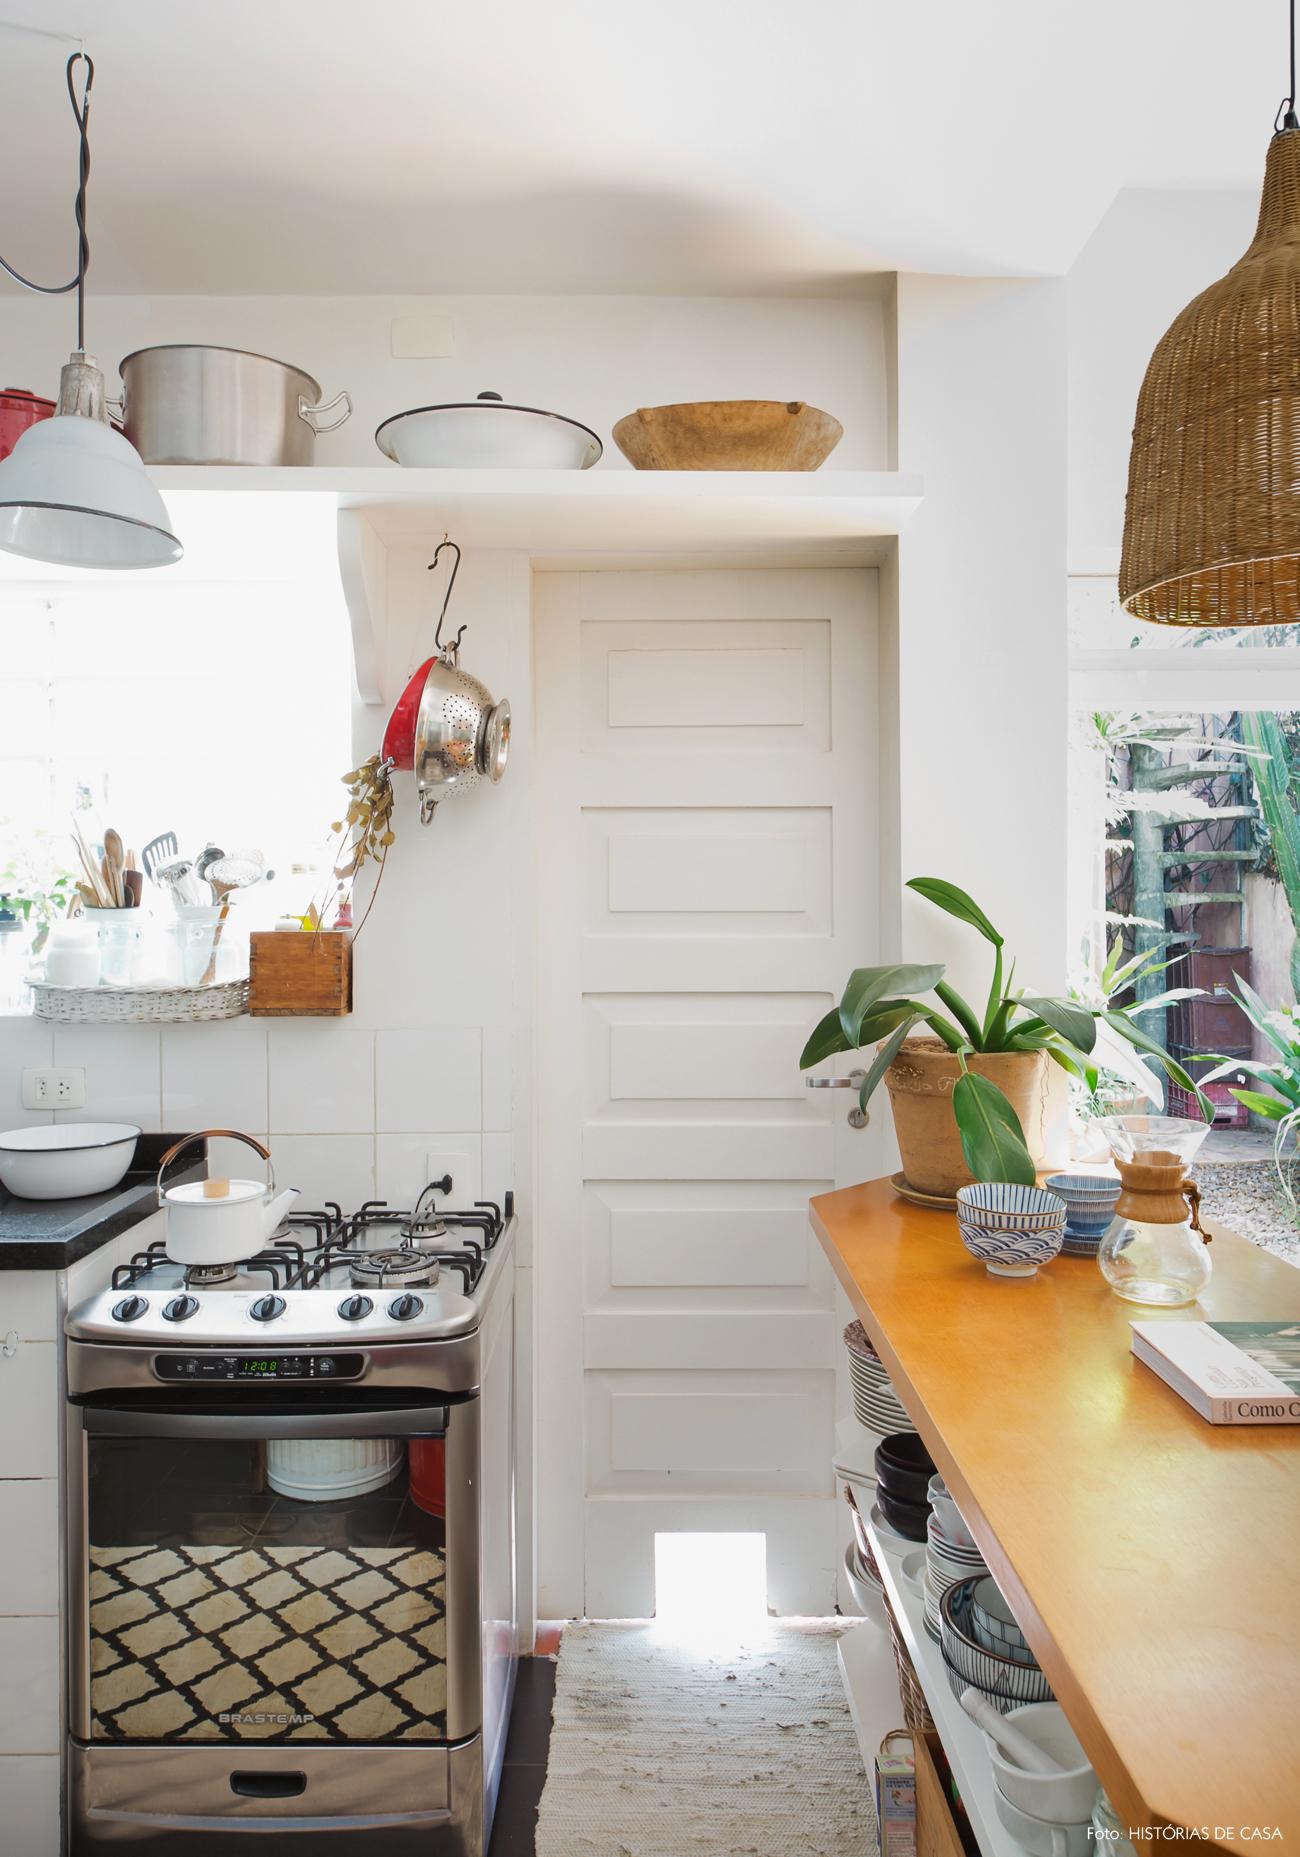 22-decoracao-casa-de-vila-cozinha-antiga-prateleiras-abertas